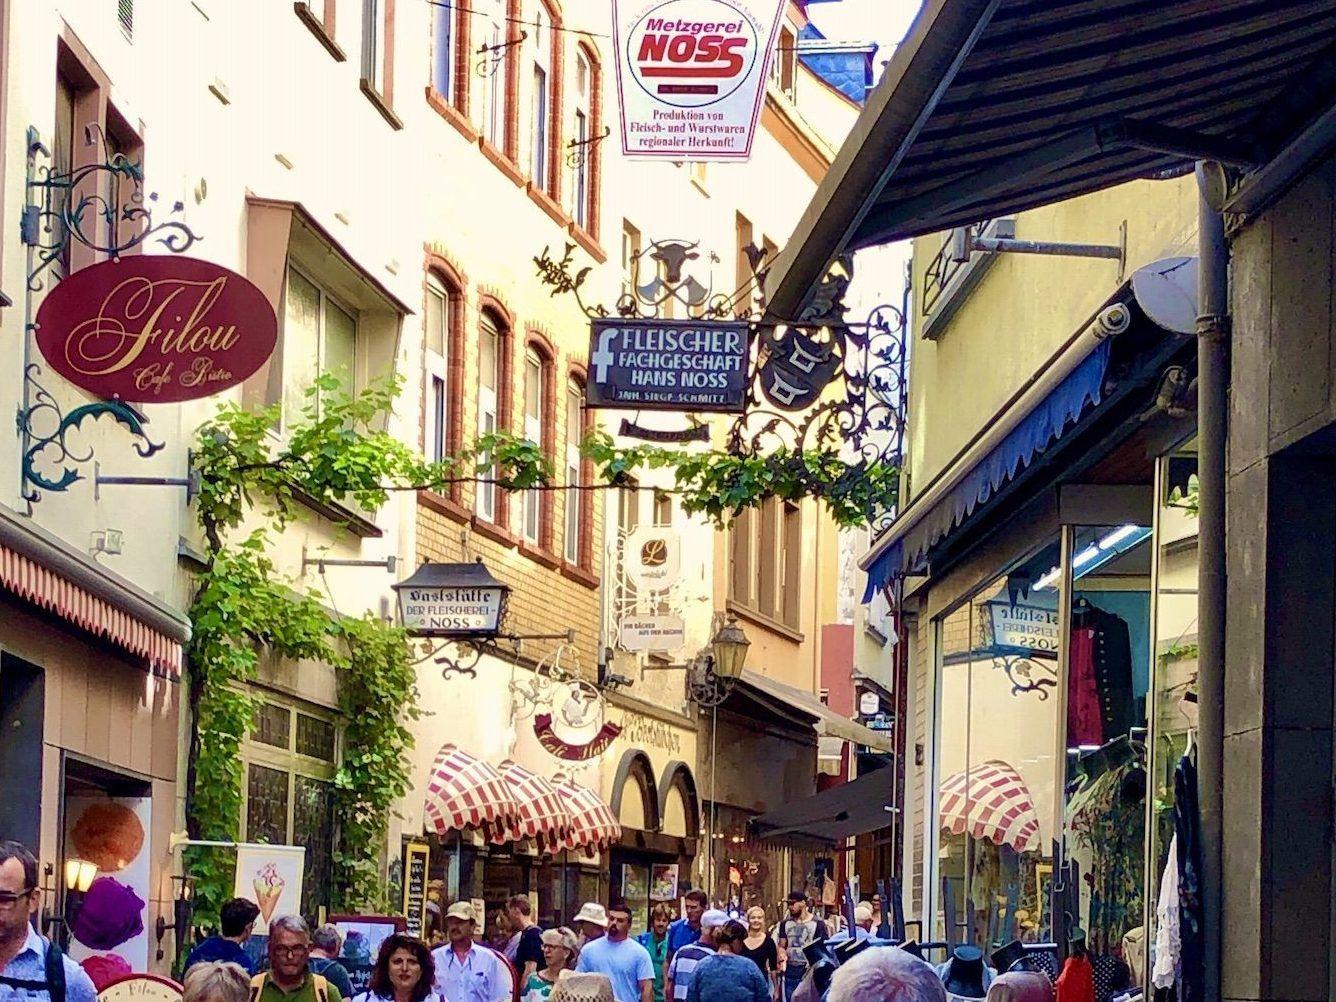 In der Innenstadt von Cochem gibt es zahlreiche Geschäfte zum Shoppen und Entdecken. Foto: Sascha Tegtmeyer